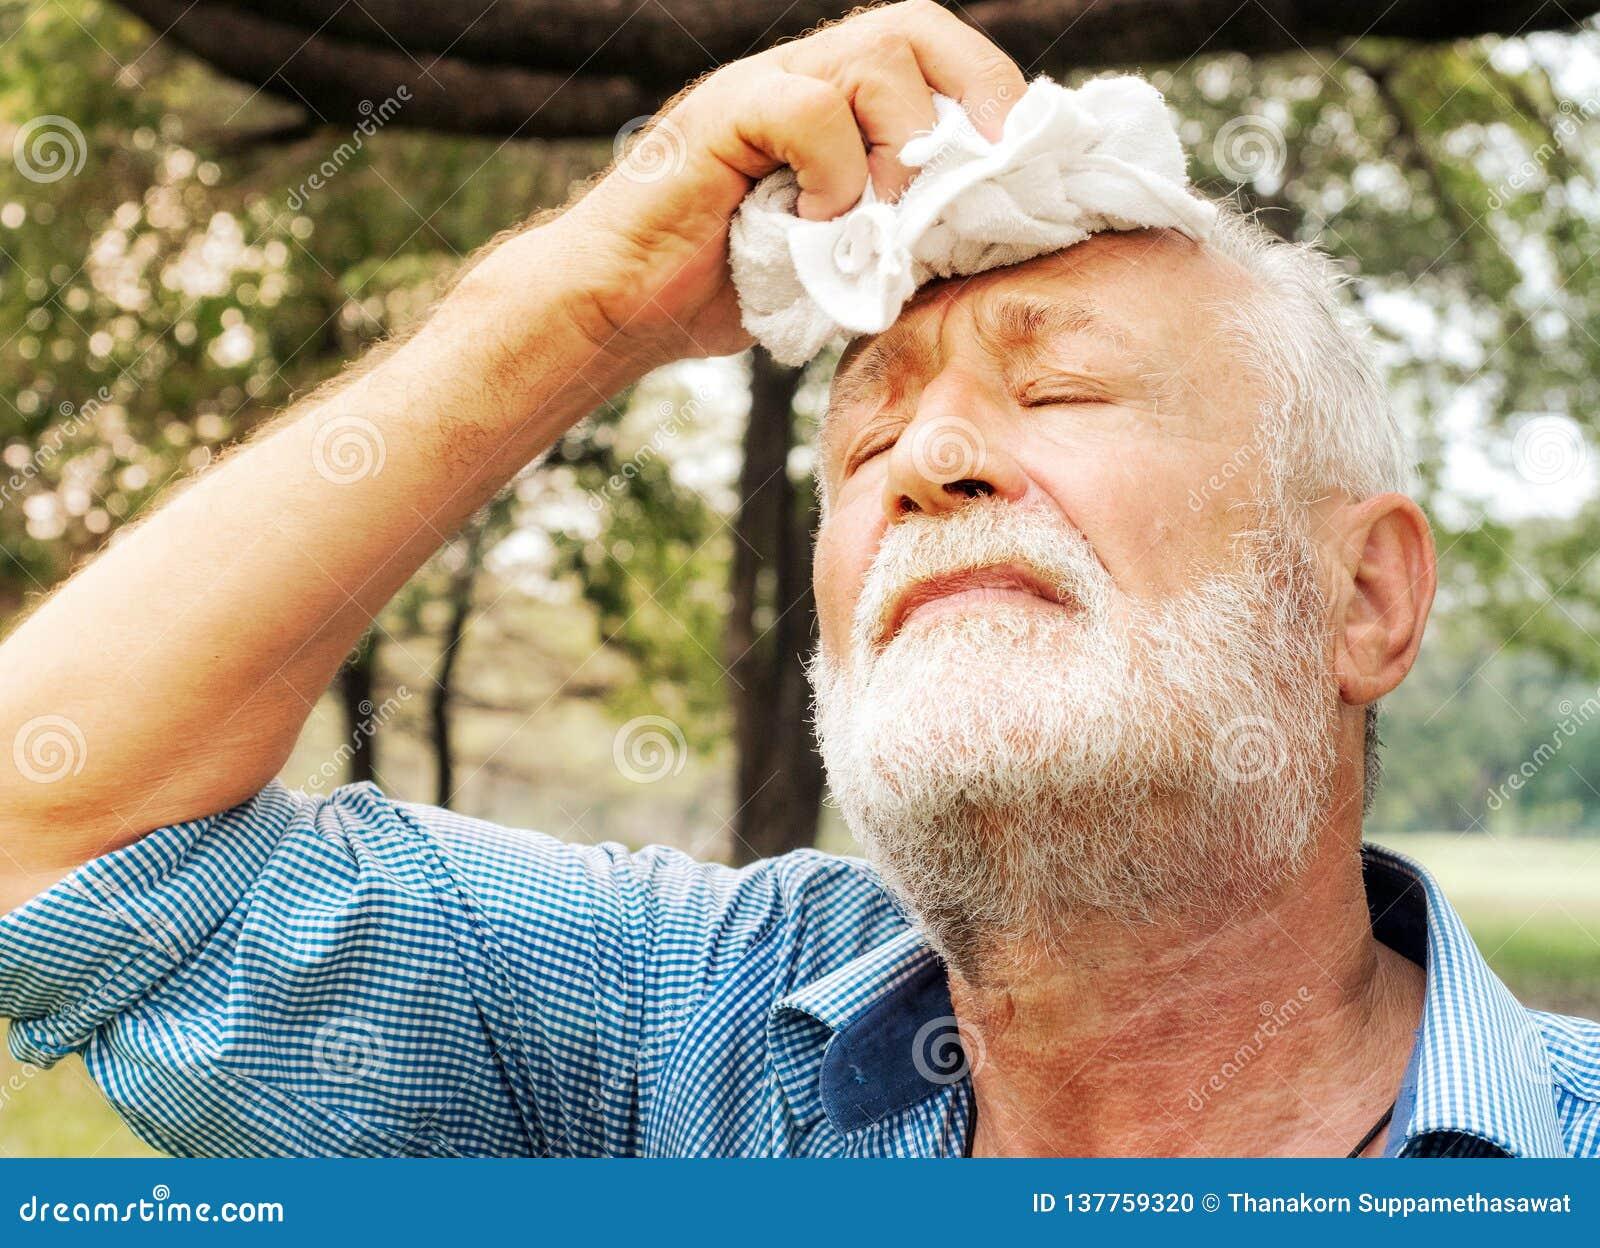 Sudor de barrido cansado con una toalla en el parque, concepto del hombre mayor de la atención sanitaria